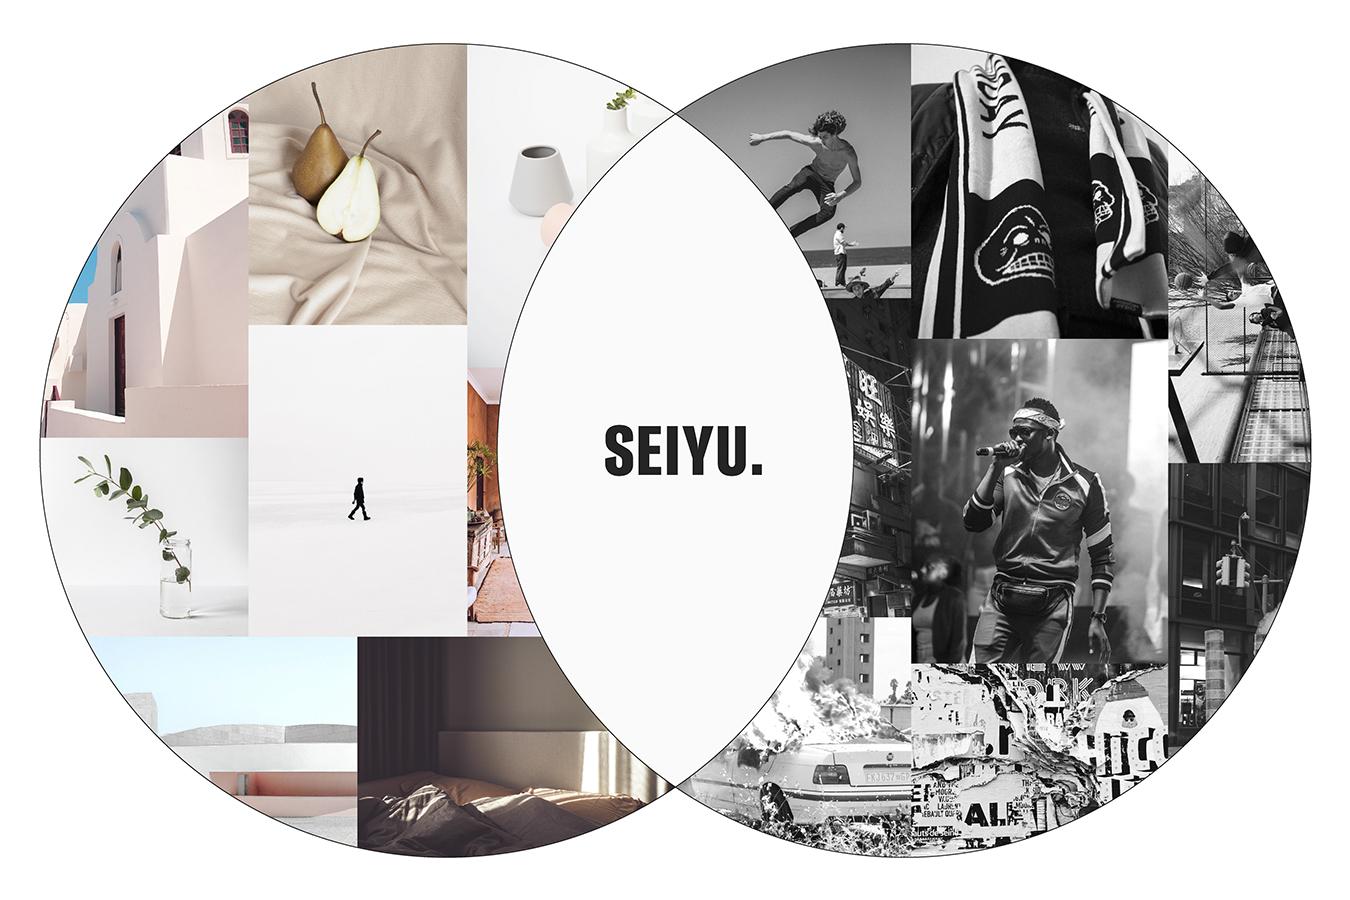 seiyu_2